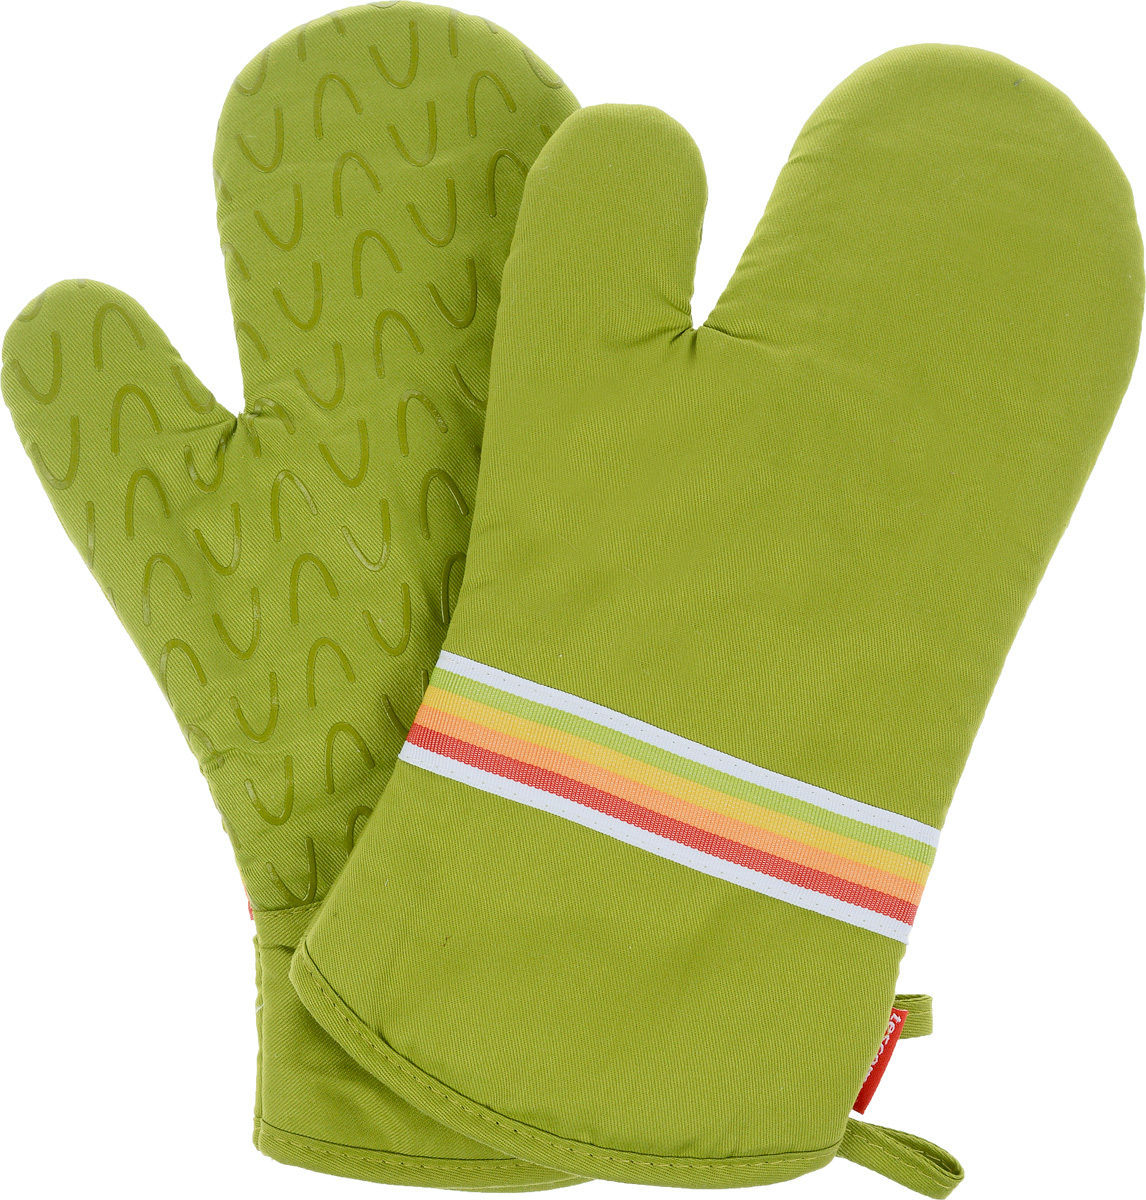 Рукавица-прихватка Tescoma Presto Tone, цвет: зеленый, 33 х 18 см, 2 шт10503Рукавица-прихватка Tescoma Presto Tone, изготовленная из 100% хлопка и термостойкого силикона, имеет яркий дизайн. Для простоты и удобства хранения, изделие оснащено петелькой для подвешивания и магнитом. Такая прихватка защитит ваши руки от высоких температур и предотвратит появление ожогов. Рекомендуется стирка при температуре 30°С. Размер изделия (ДхШ): 33 х 18 см.Комплектация: 2 шт.